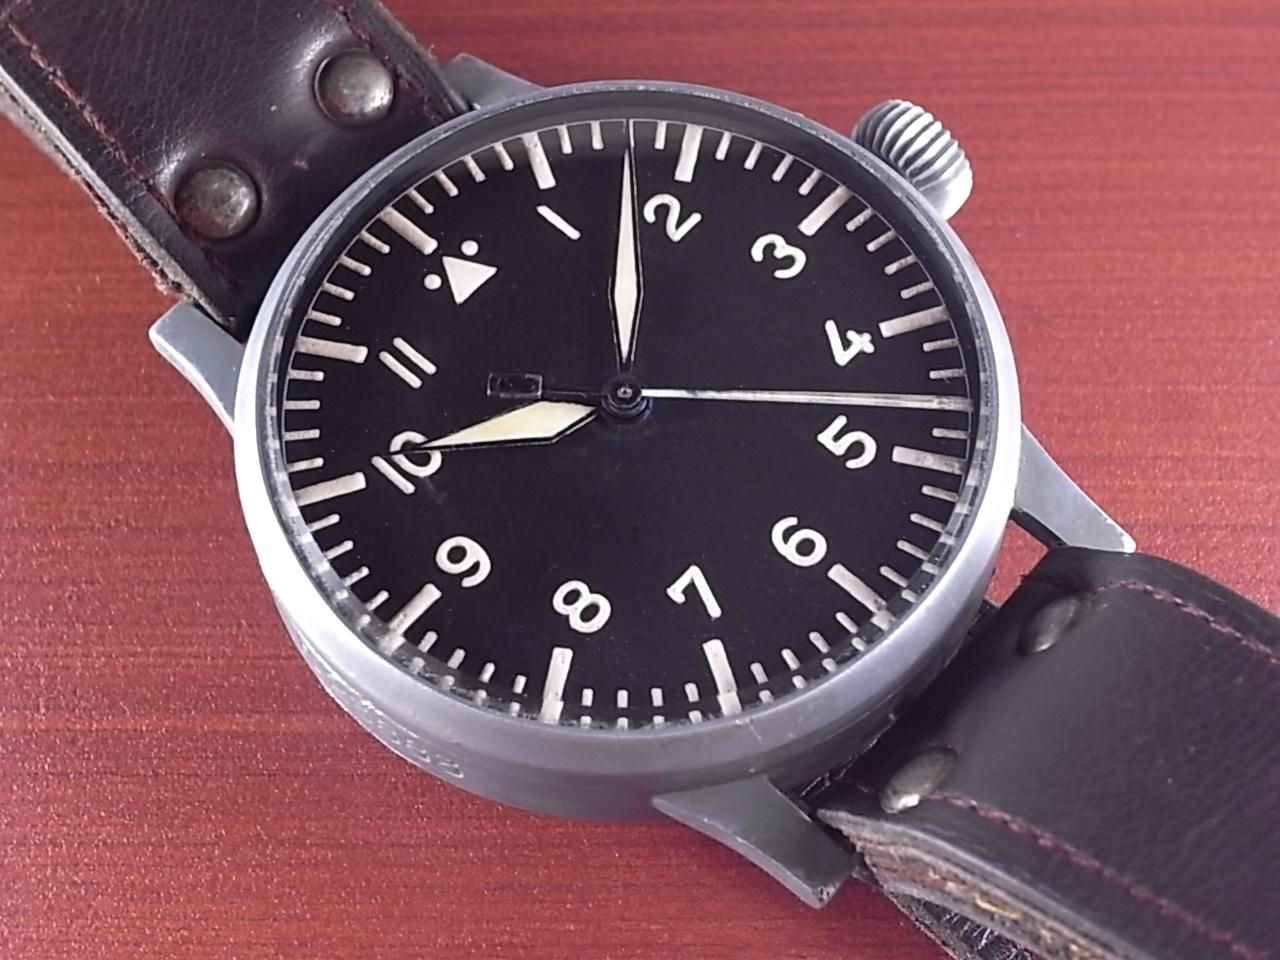 ラコ ドイツ空軍 Bウォッチ 偵察機用時計 第二次世界大戦 1940年代のメイン写真